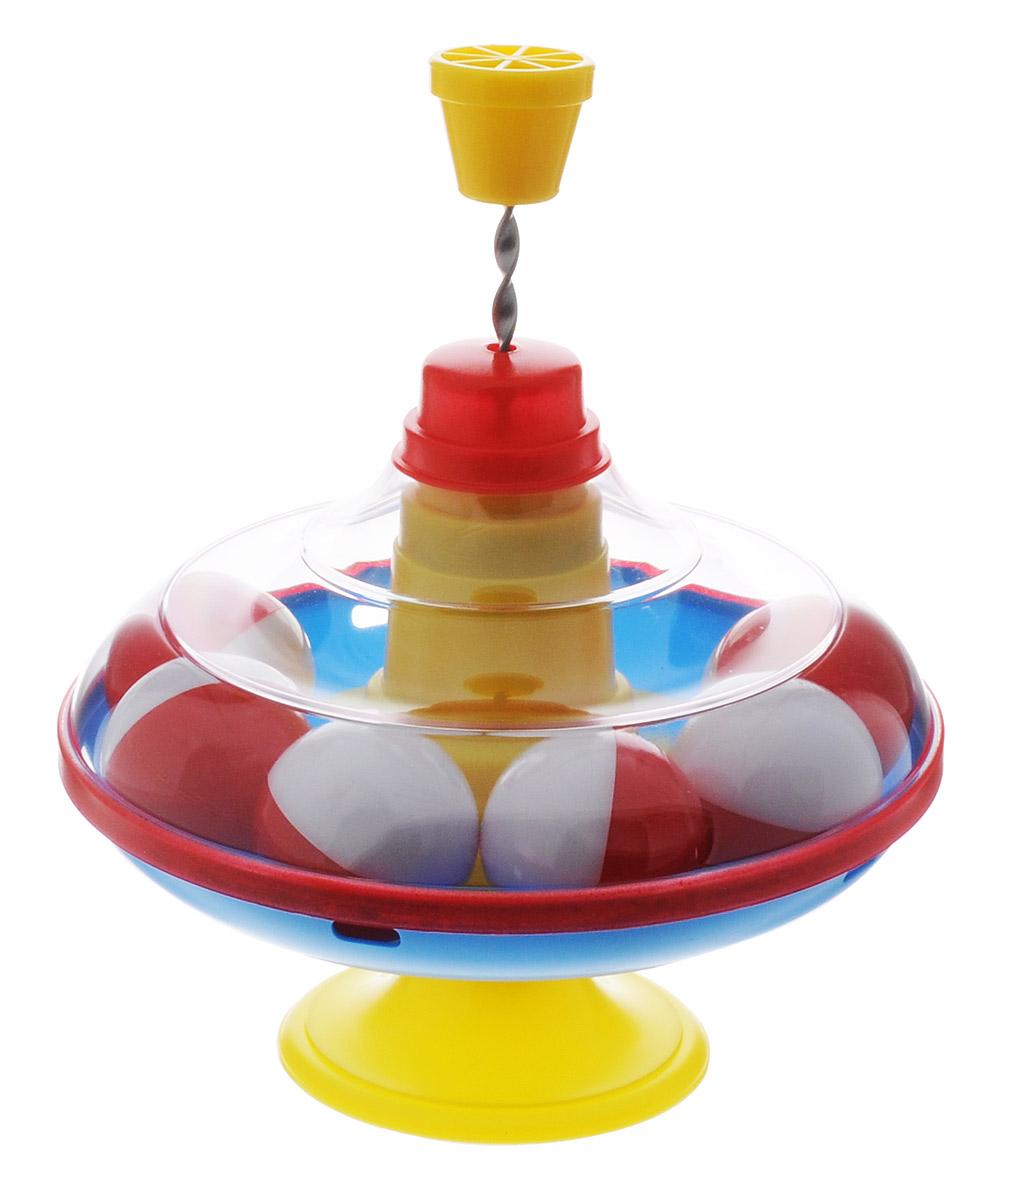 Stellar Юла с шариками цвет желтый голубой красный1320_шарикиЯркая юла Stellar станет для вашего малыша любимой игрушкой. Юла выполнена из безопасного пластика в яркой цветовой гамме и дополнена устойчивой ножкой-подставкой. Внутри находятся шесть красно-белых шариков. Стоит раскрутить юлу, нажав на ручку, и шарики вокруг центра игрушки завертятся веселым хороводом! Юла - динамическая игрушка для самых маленьких, которая стимулирует познавательную активность, развивает наглядно-действенное мышление, координацию движений и мелкую моторику рук. Порадуйте своего непоседу таким великолепным подарком!